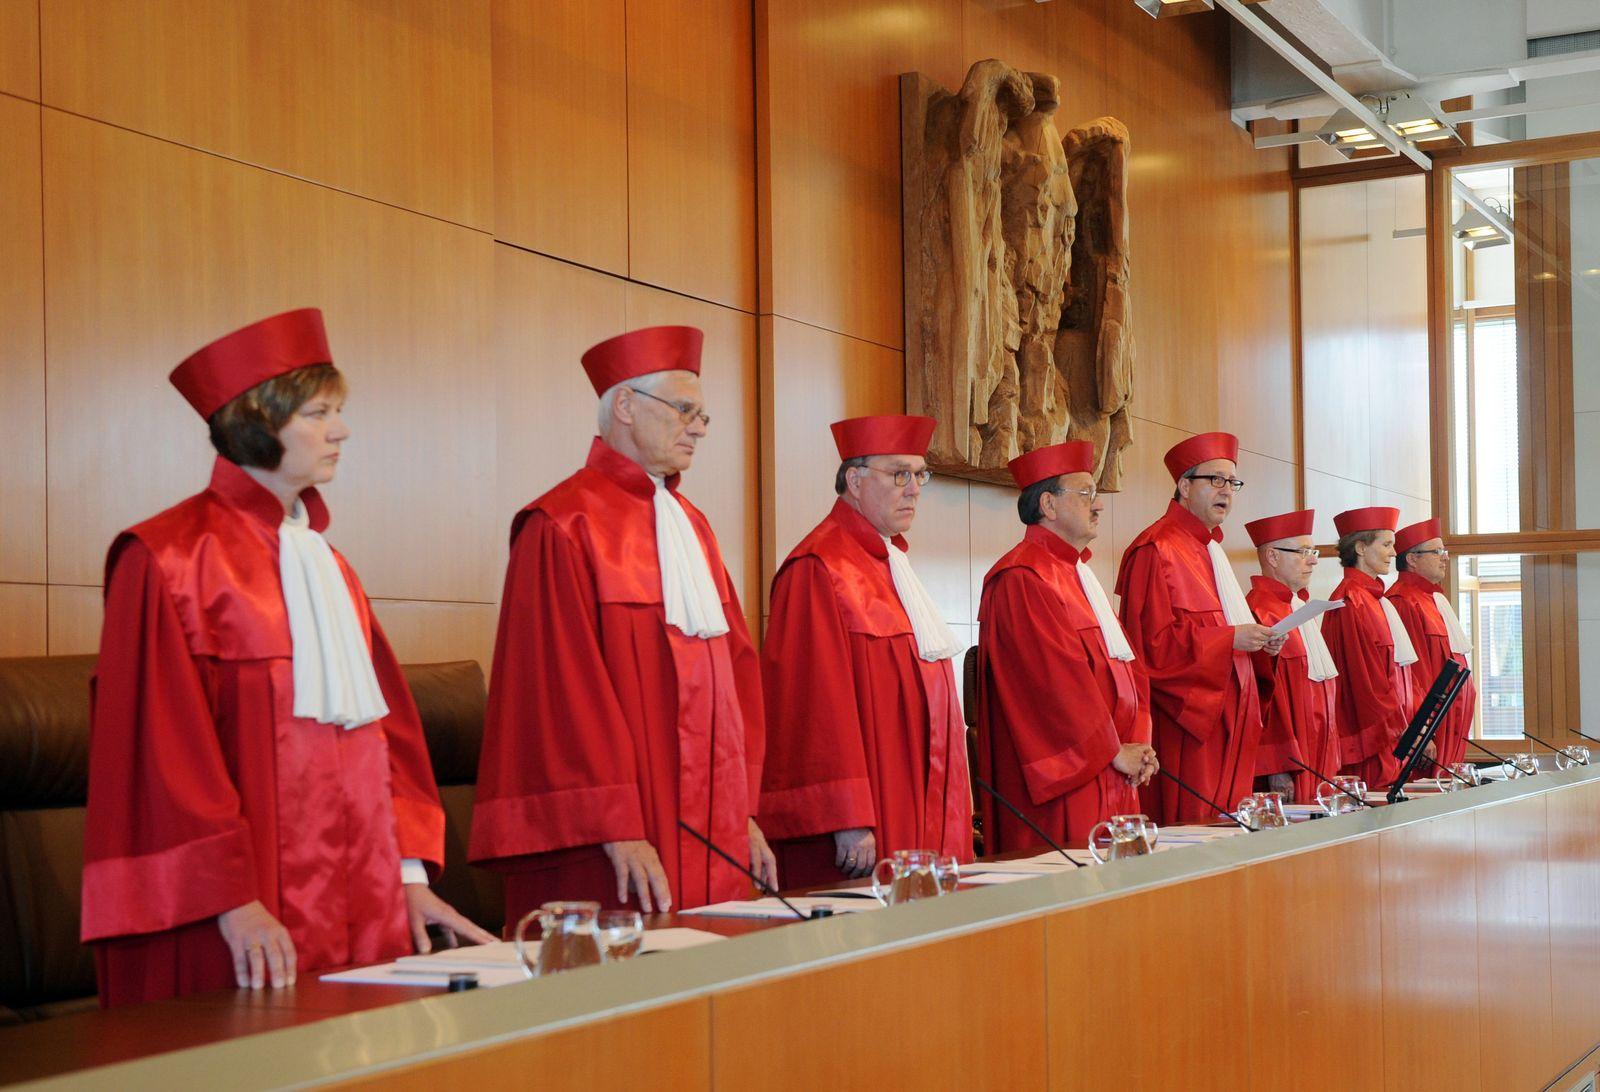 Bundesverfassungsgericht/ Sicherungsverwahrung